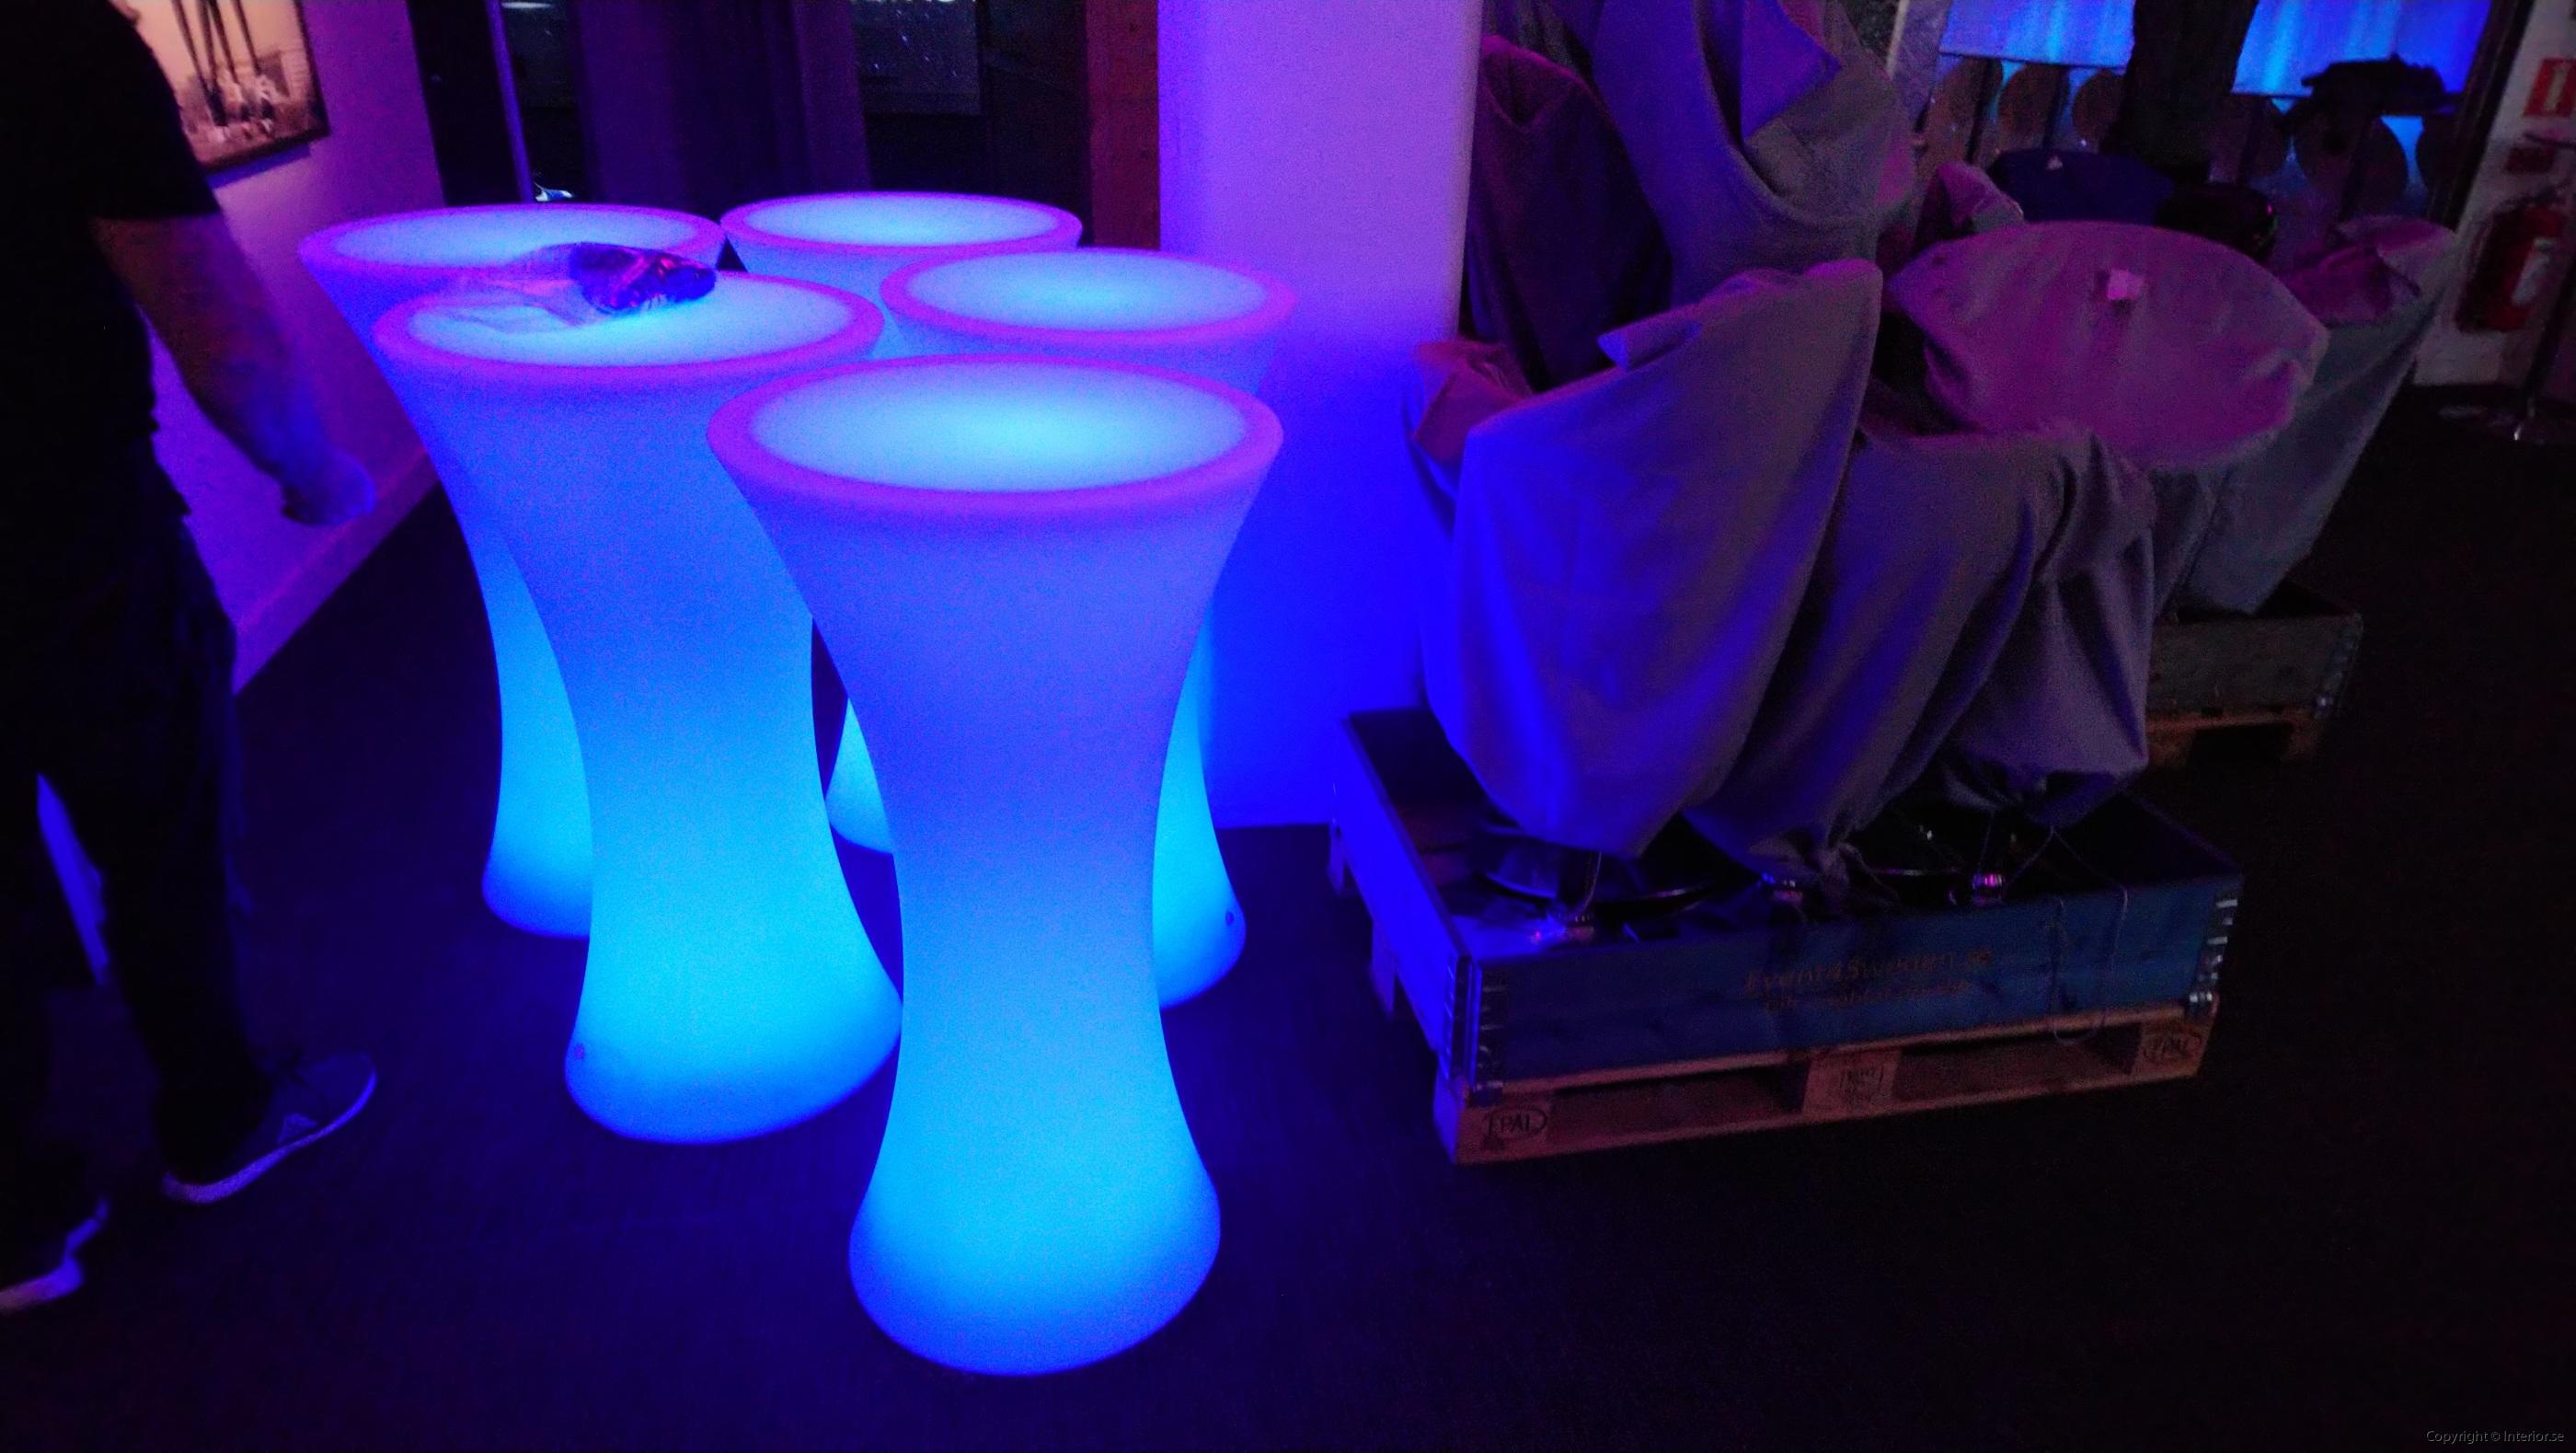 2 hyr hyra barbord ståbord med strumpa billigt led stockholm event möbler 2